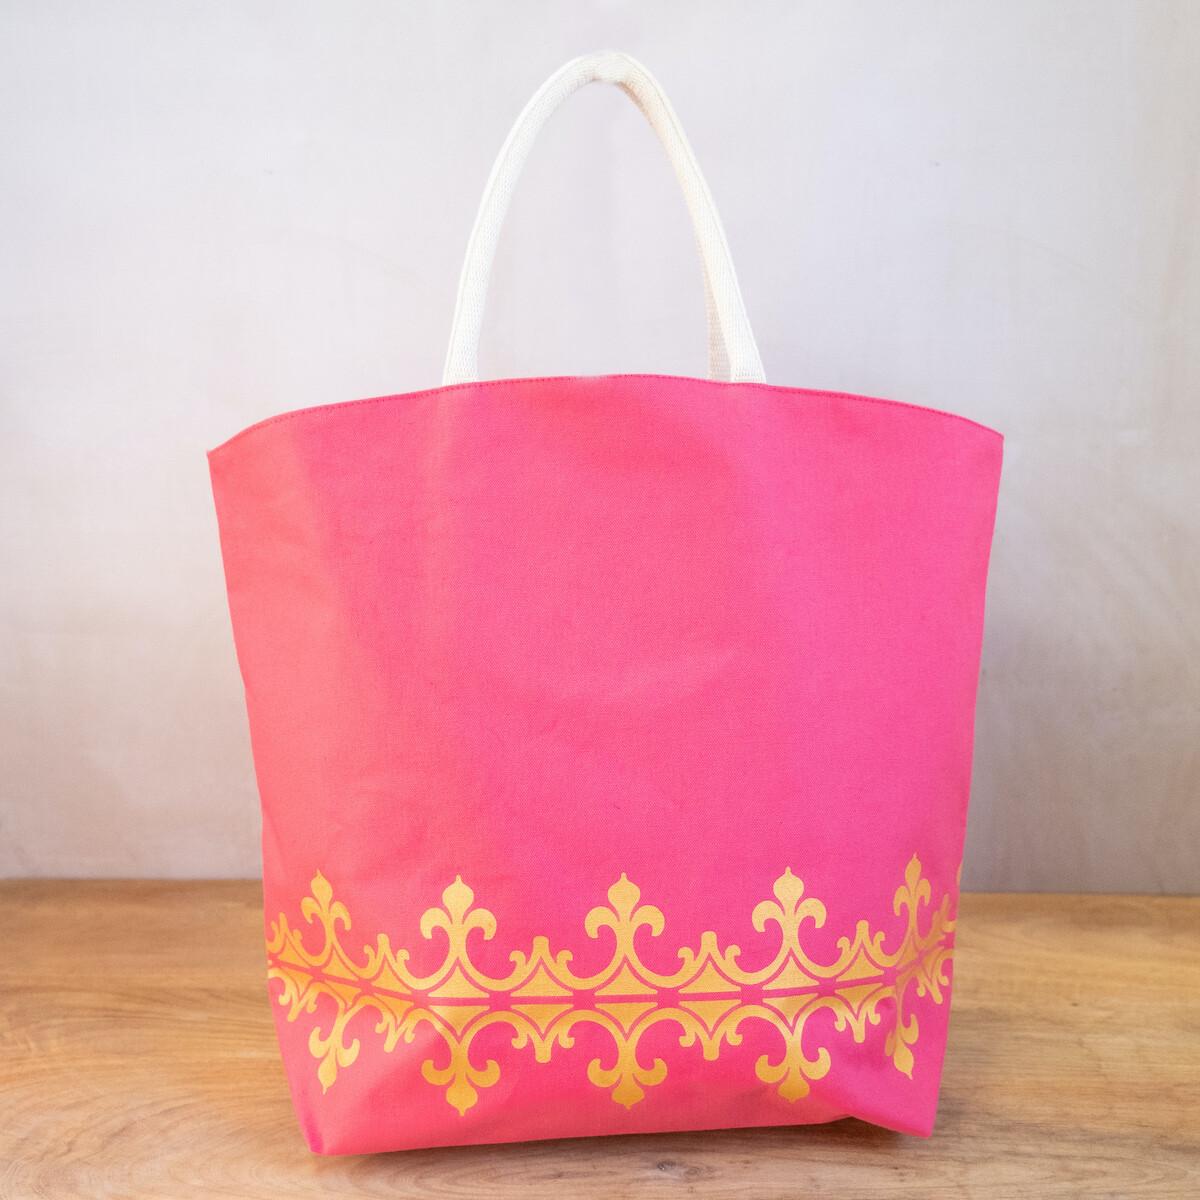 TRS Savannah Tote Hot Pink/Gold